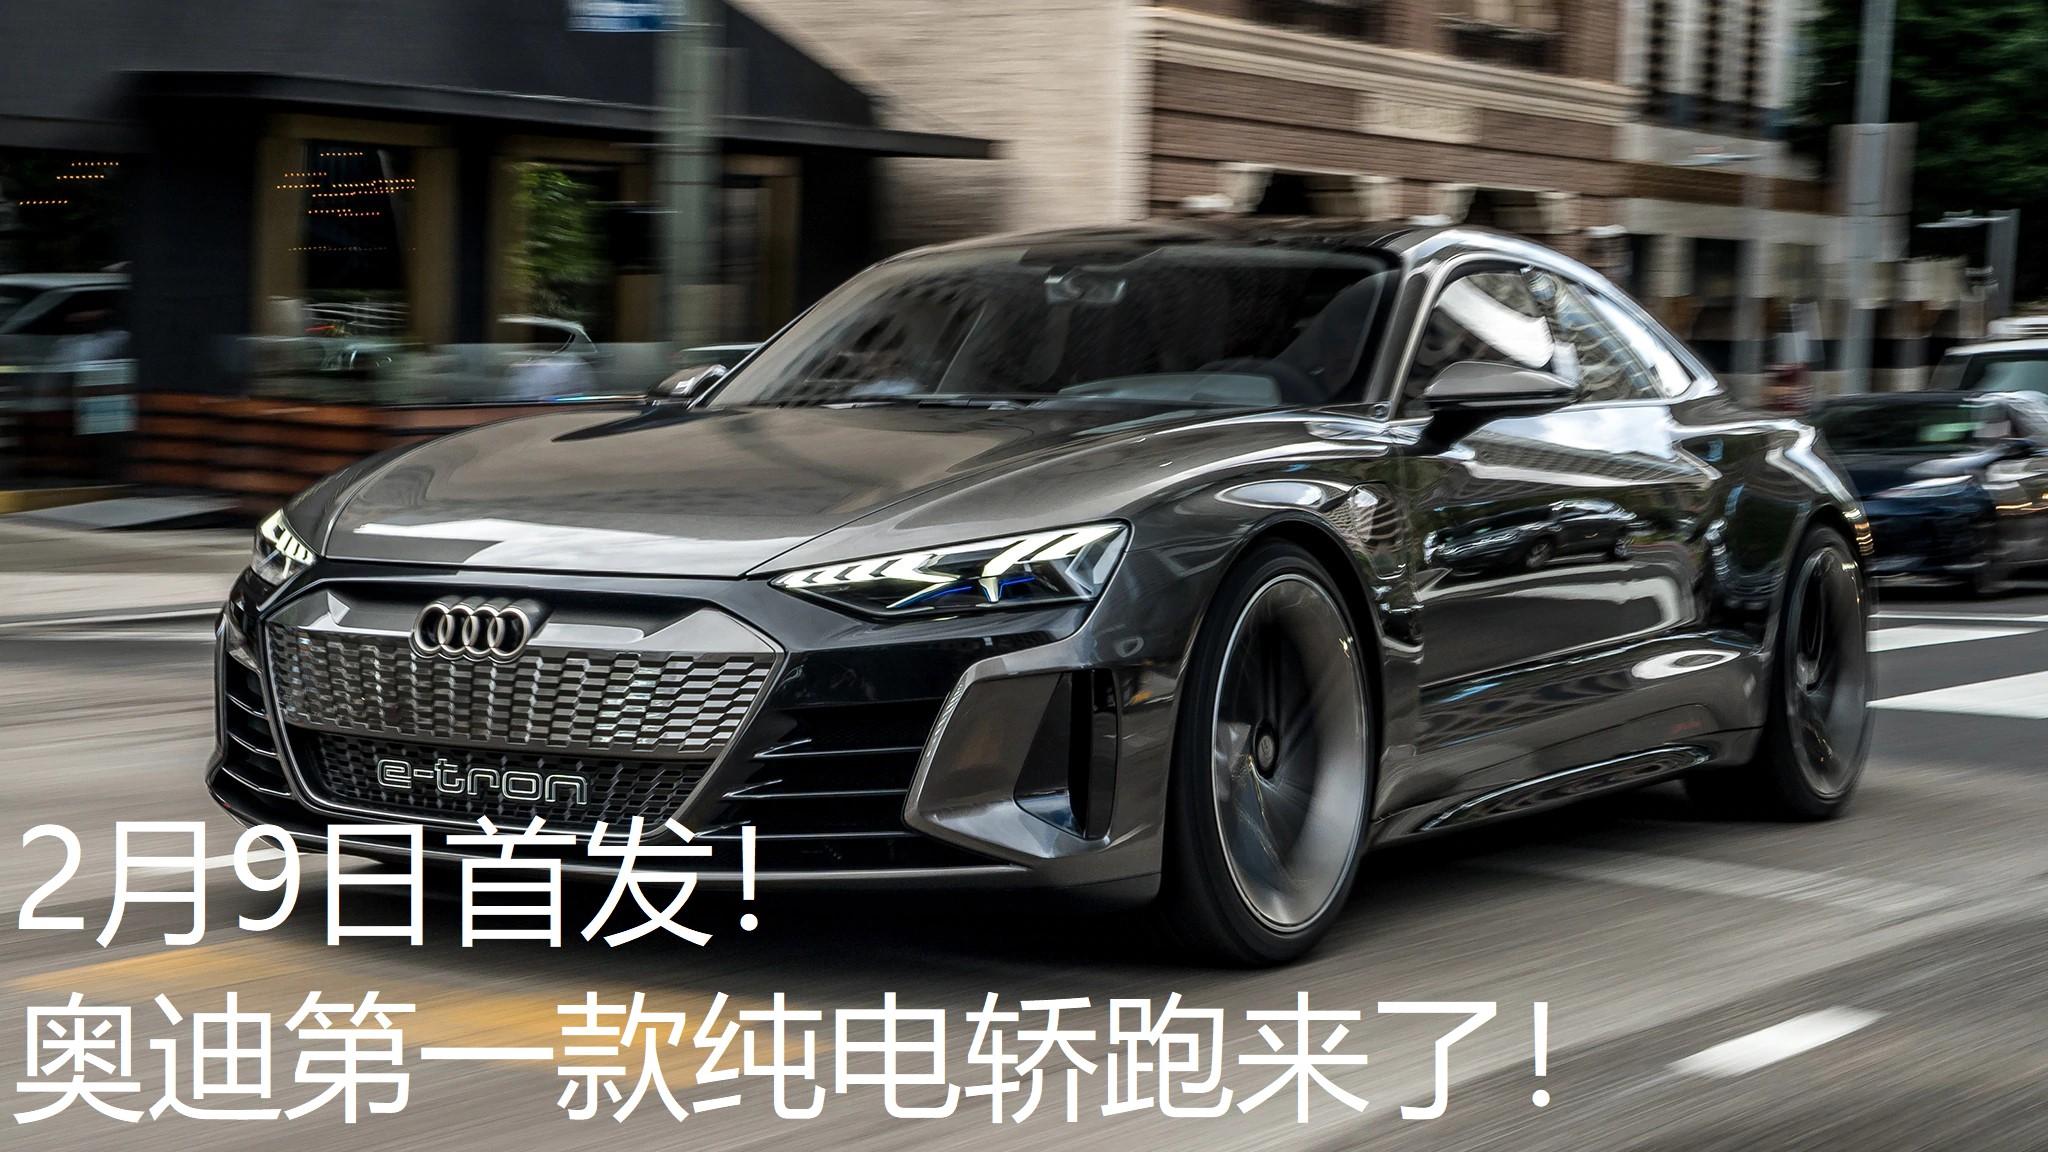 2月9日首发!奥迪第一款纯电轿跑来了!